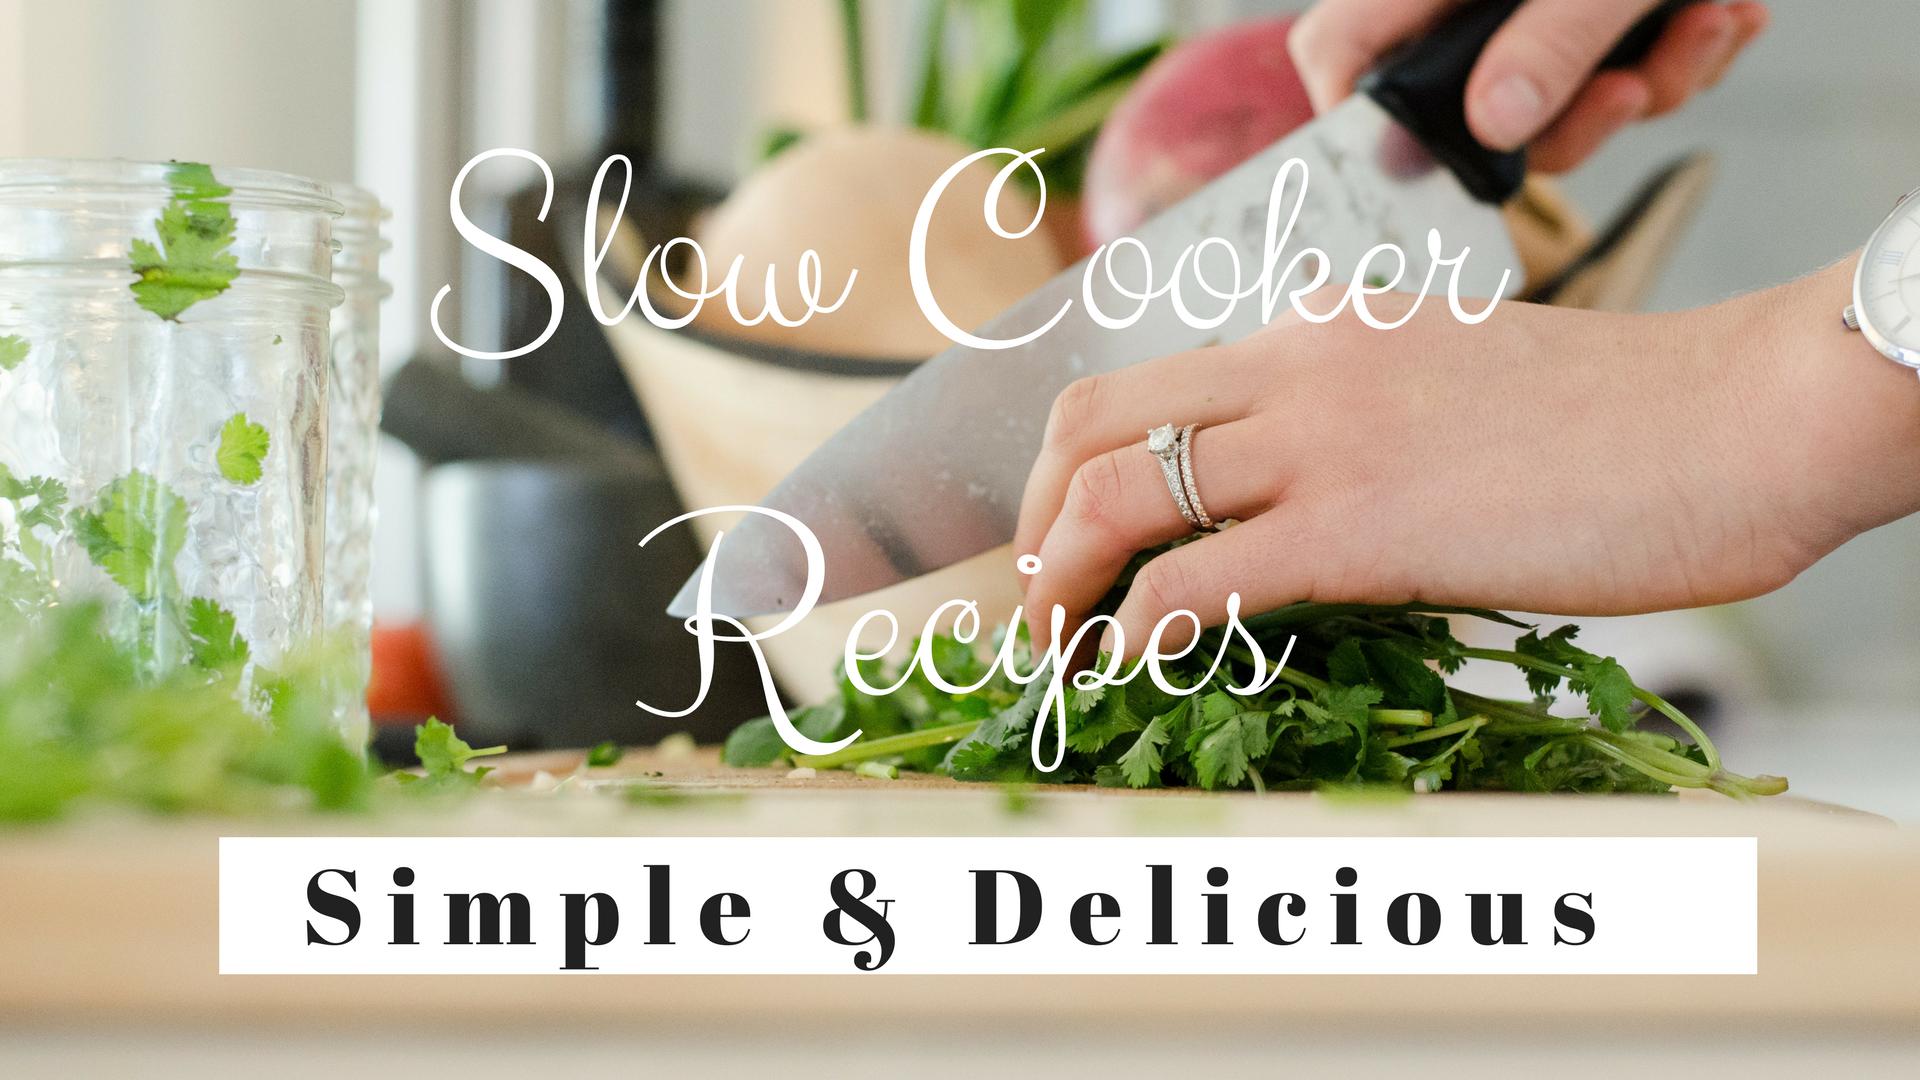 Slow Cooker Recipes www.balancedhealthandyou.com